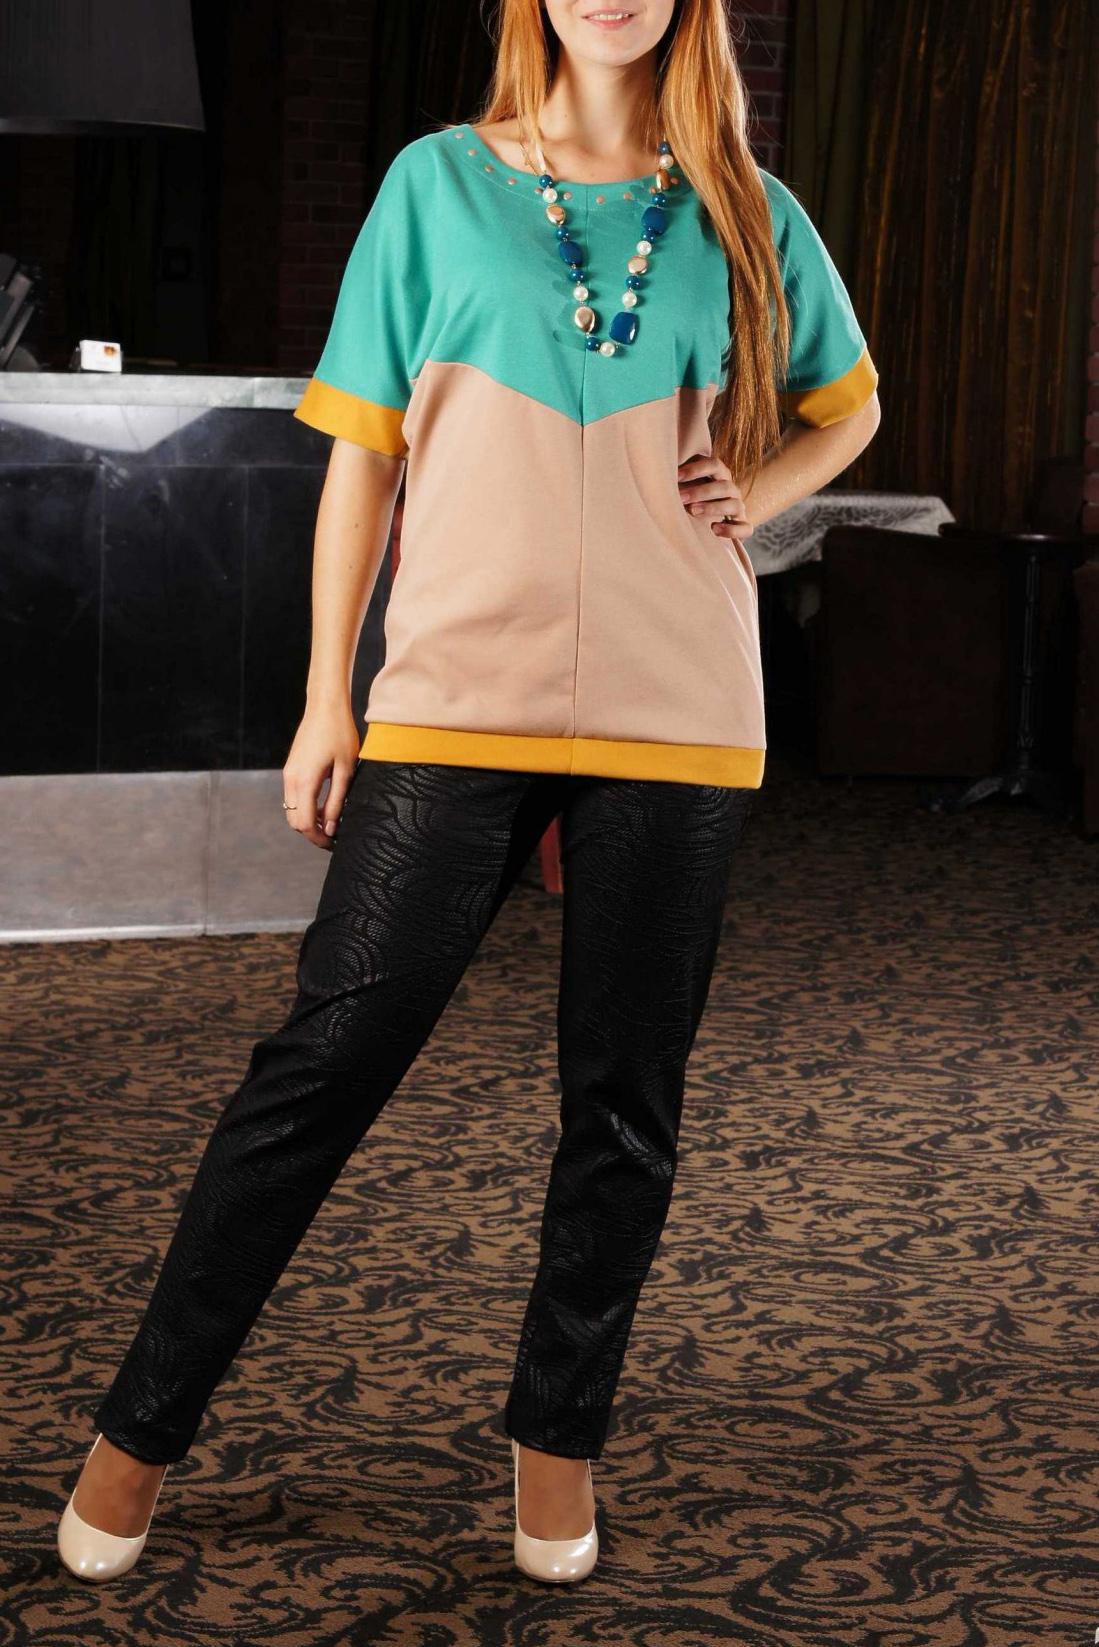 ТуникаТуники<br>Стильная женская блузка из плотного трикотажа с очень оригинальным сочетанием цветов. Такая блузка обязательно согреет своим ярким цветом в пасмурный осенний день и точно поднимет настроение.  Блуза свободного кроя из плотного трикотажа. Перед с центральным швом и двумя широкими вставками из контрастного материала, сходящимися углом по центру изделия. Спинка аналогична переду. Горловина округлая с широкой декоративной отстрочкой. Рукава цельнокроеные, широкие, длиной до локтя. Низ блузы и рукавов обработан узкой двойной манжетой.  Бусы в комплект не входят.  Цвет: бирюзовый, бежевый, оранжевый.  Длина изделия до 50 размера - 60 см<br><br>Горловина: С- горловина<br>По материалу: Трикотаж<br>По рисунку: Цветные<br>По сезону: Весна,Осень<br>По силуэту: Прямые,Свободные<br>По стилю: Кэжуал,Повседневный стиль<br>По элементам: С манжетами<br>Рукав: До локтя<br>Размер : 48,56<br>Материал: Джерси<br>Количество в наличии: 2